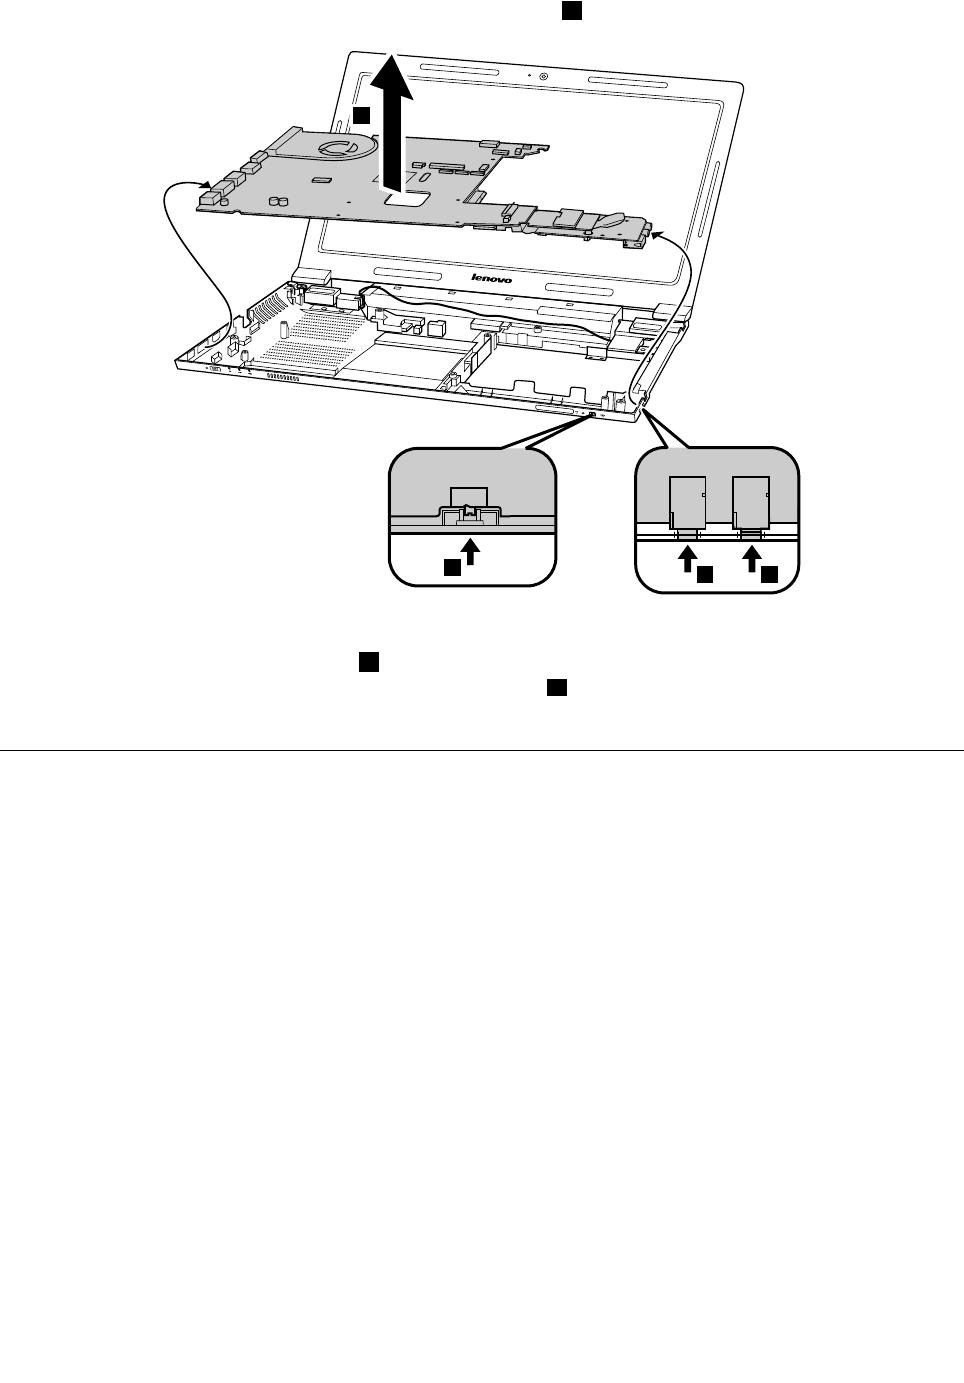 Lenovo B470 B470E Hmm User Manual B470&B470e Hardware